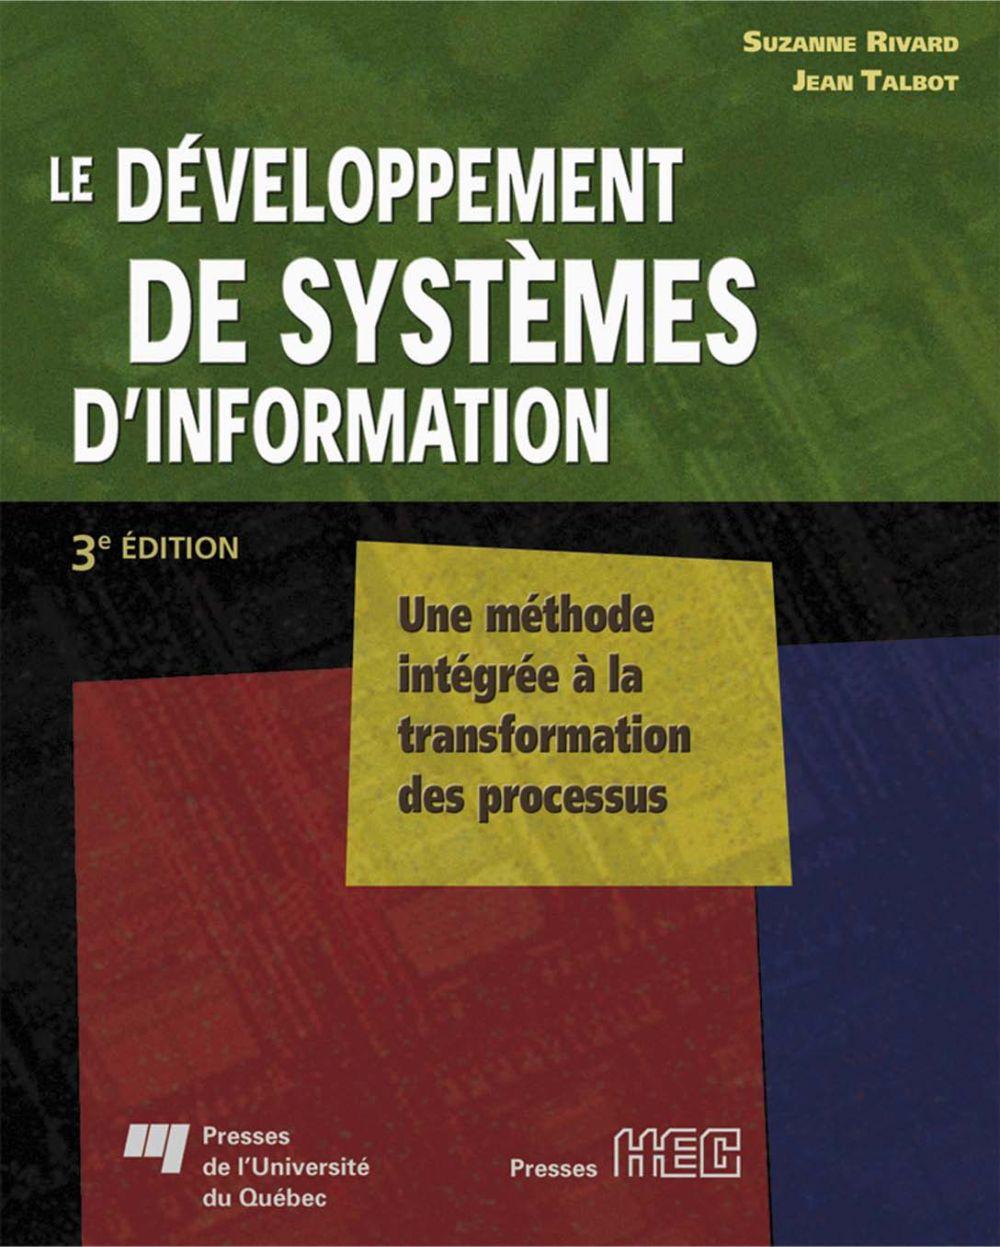 Développement de systèmes d'information